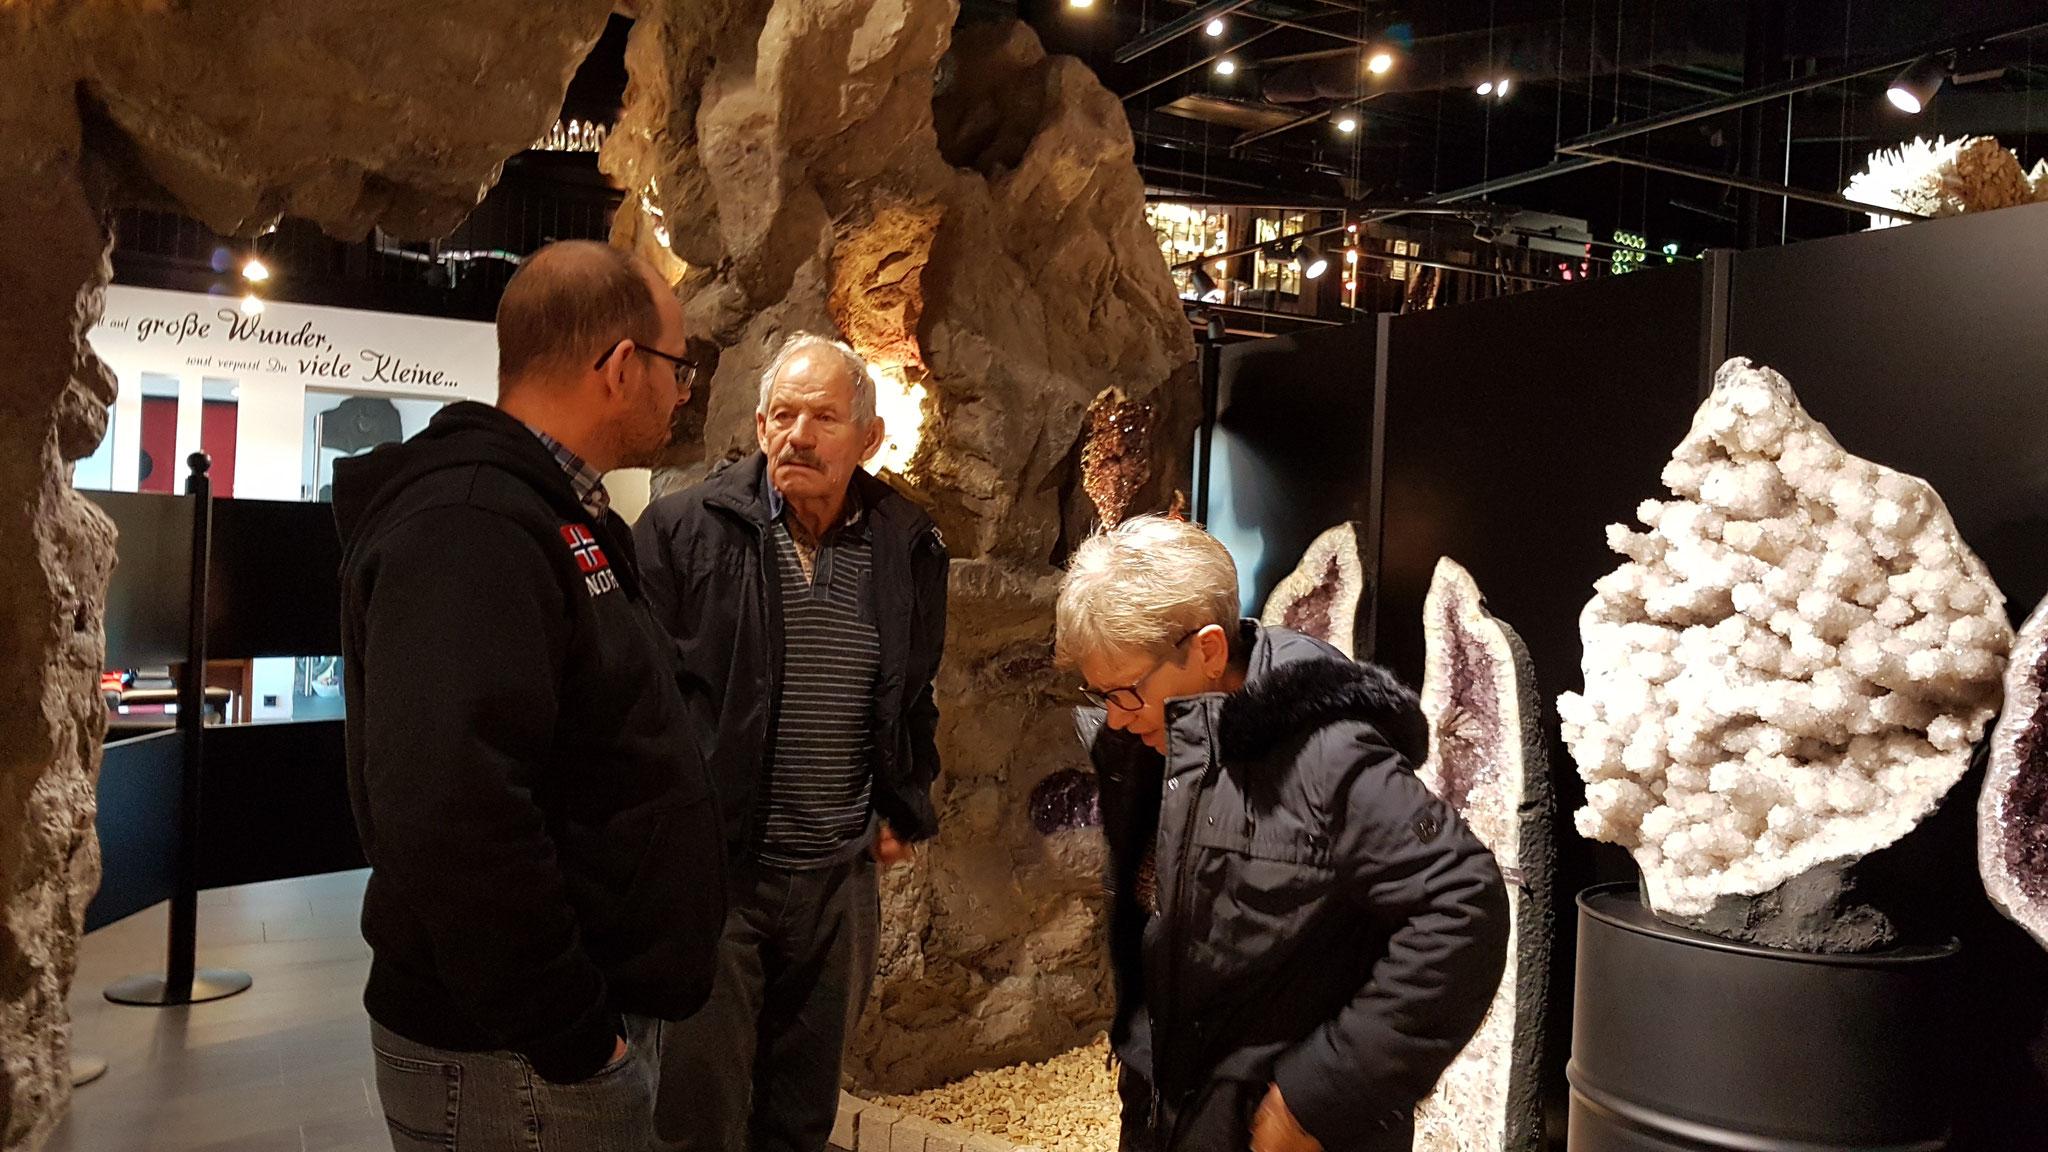 Die ganze Familie beeindruckt von den Kristallen und was es zu sehen gibt